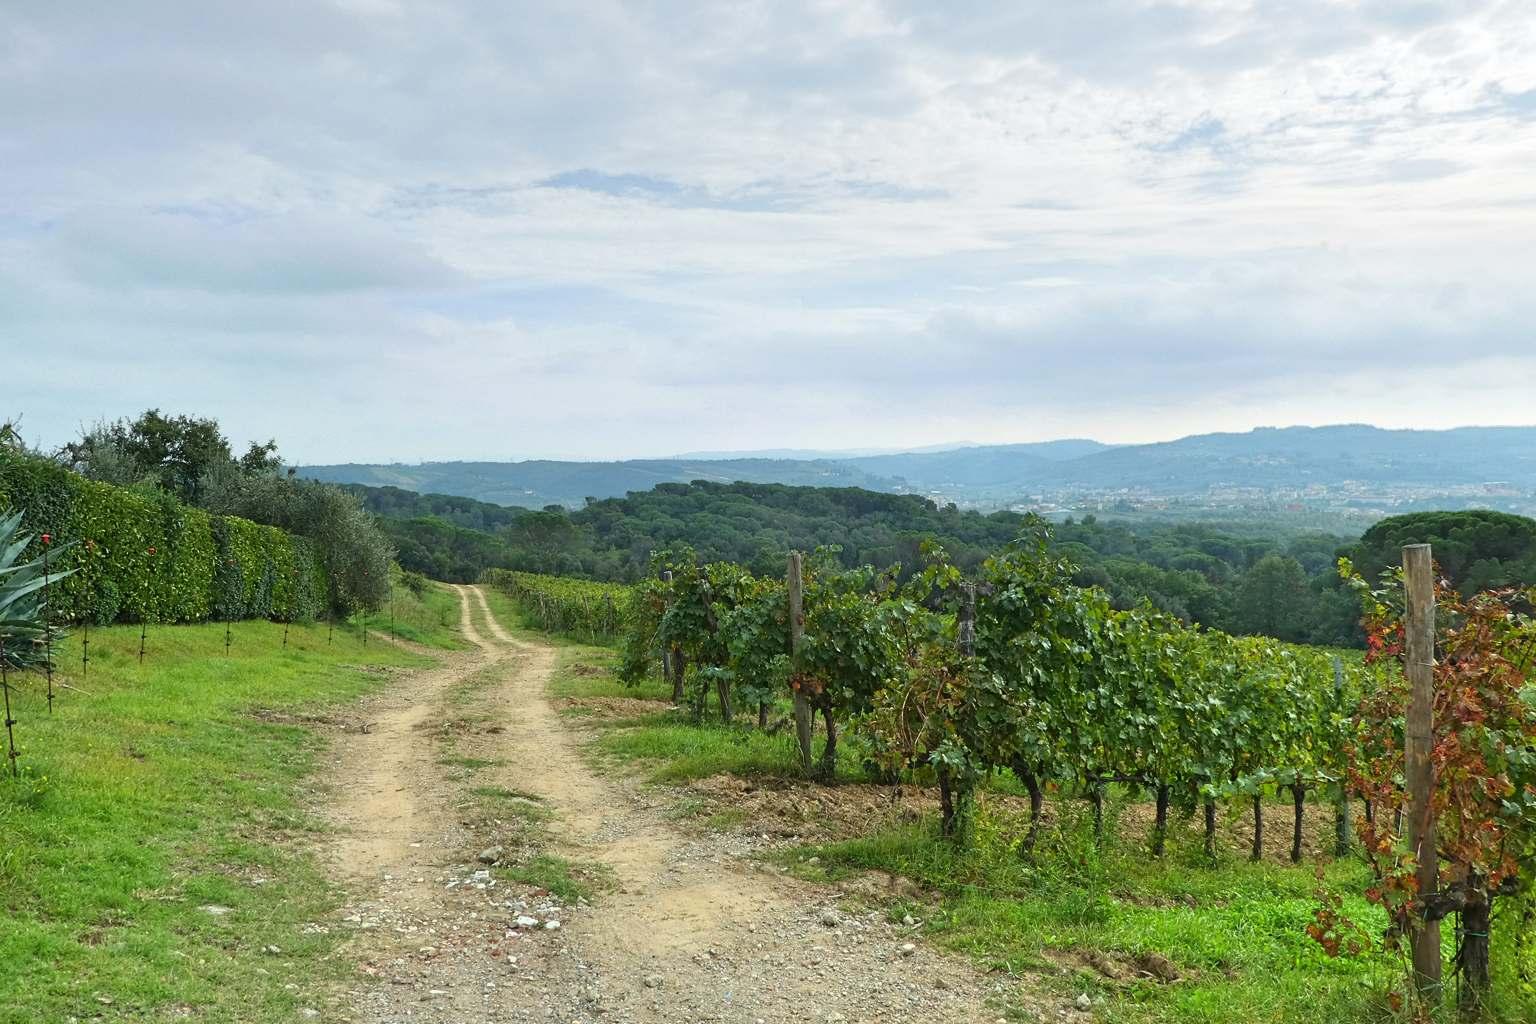 Weg durch die Weinberge in der Toscana